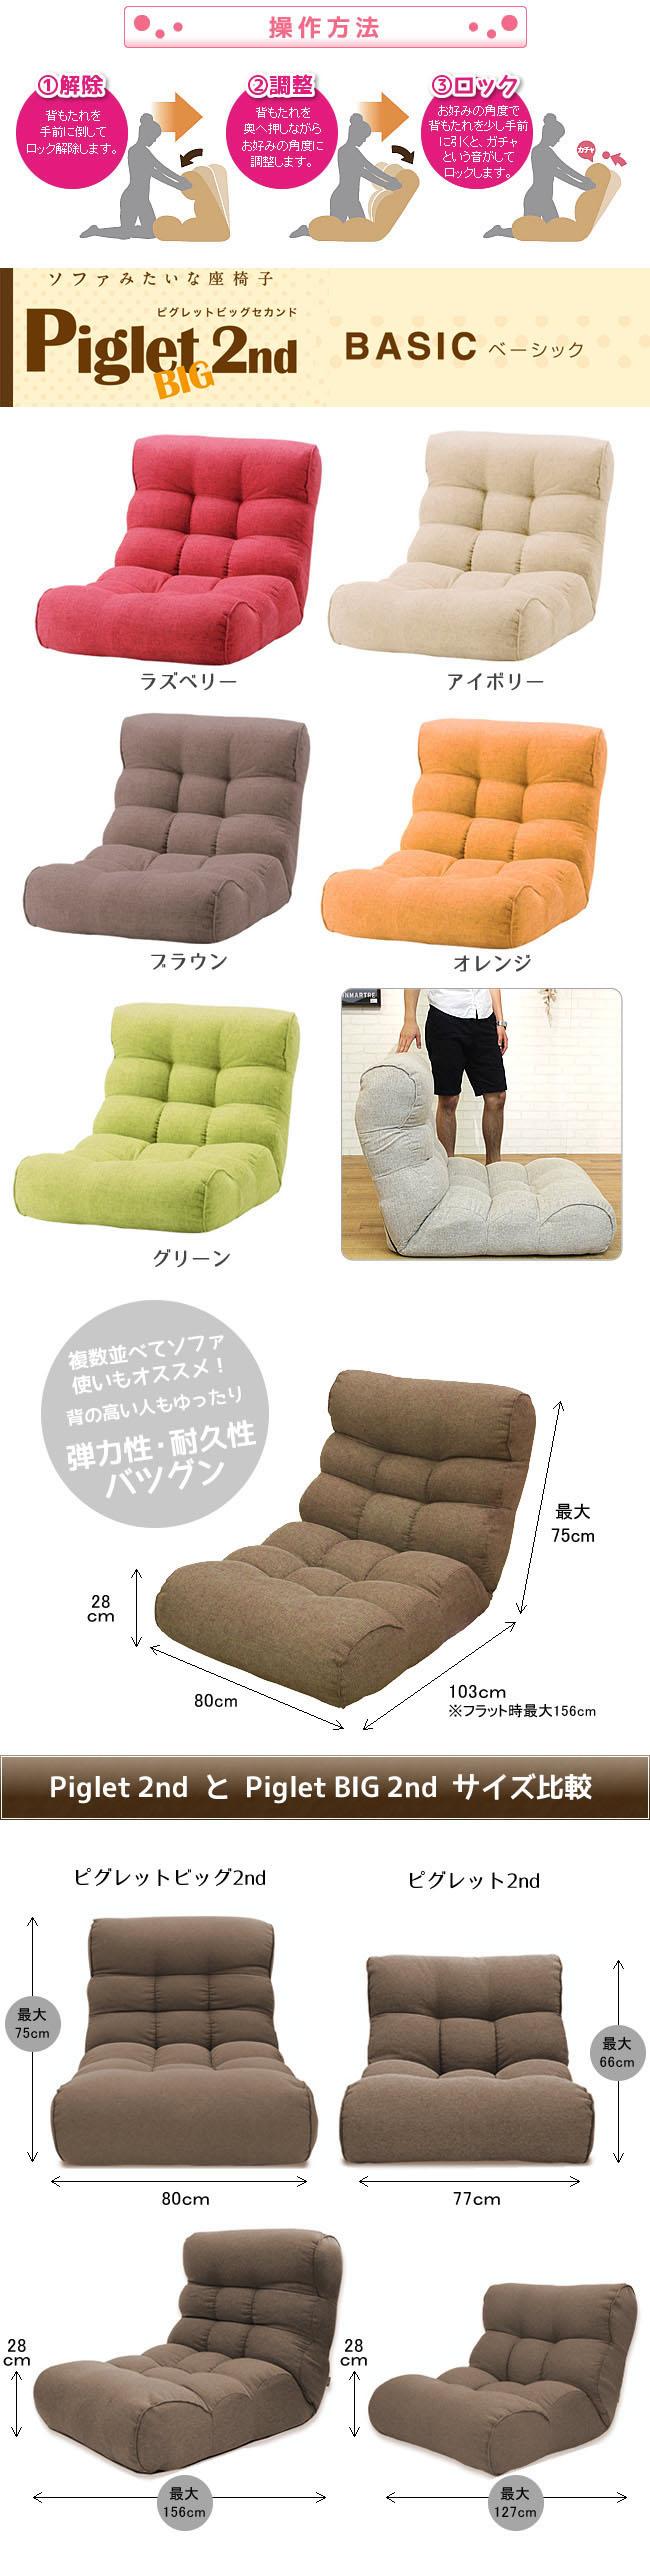 ソファ座椅子 Piglet 2nd  ピグレットセカンド ビッグ  ベーシック